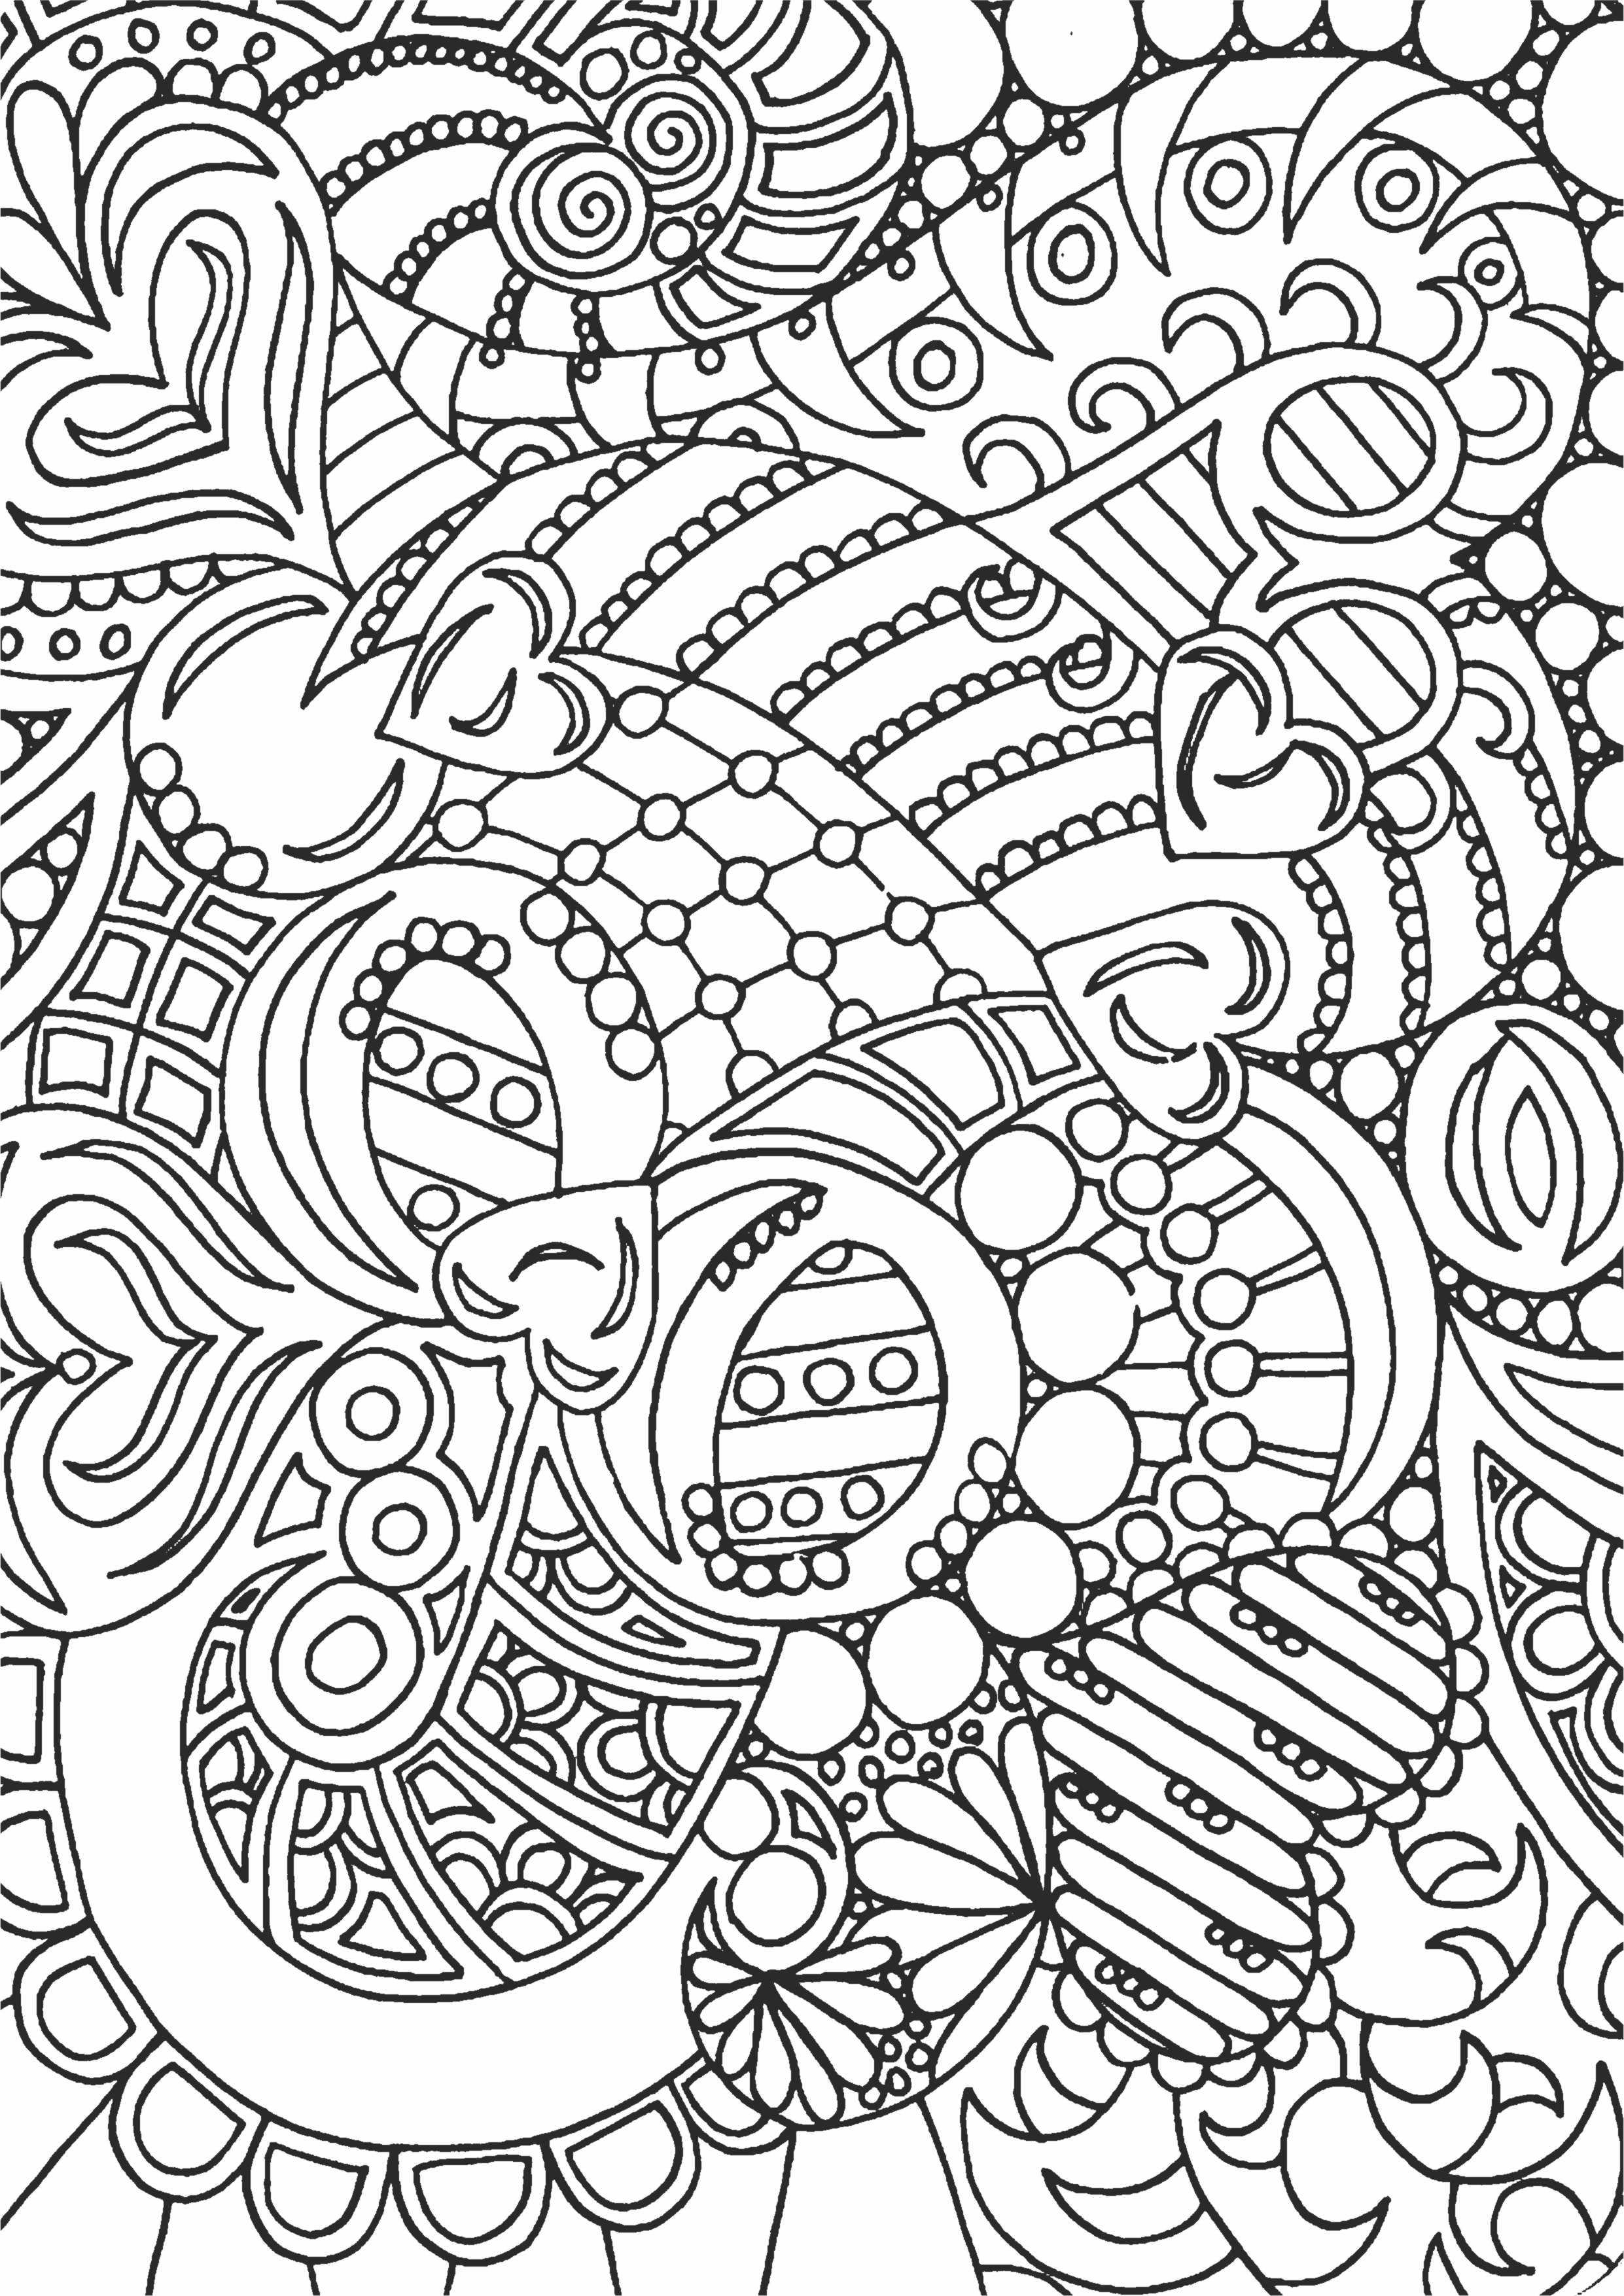 простой абстрактный узор для раскрашивания раскраски а4